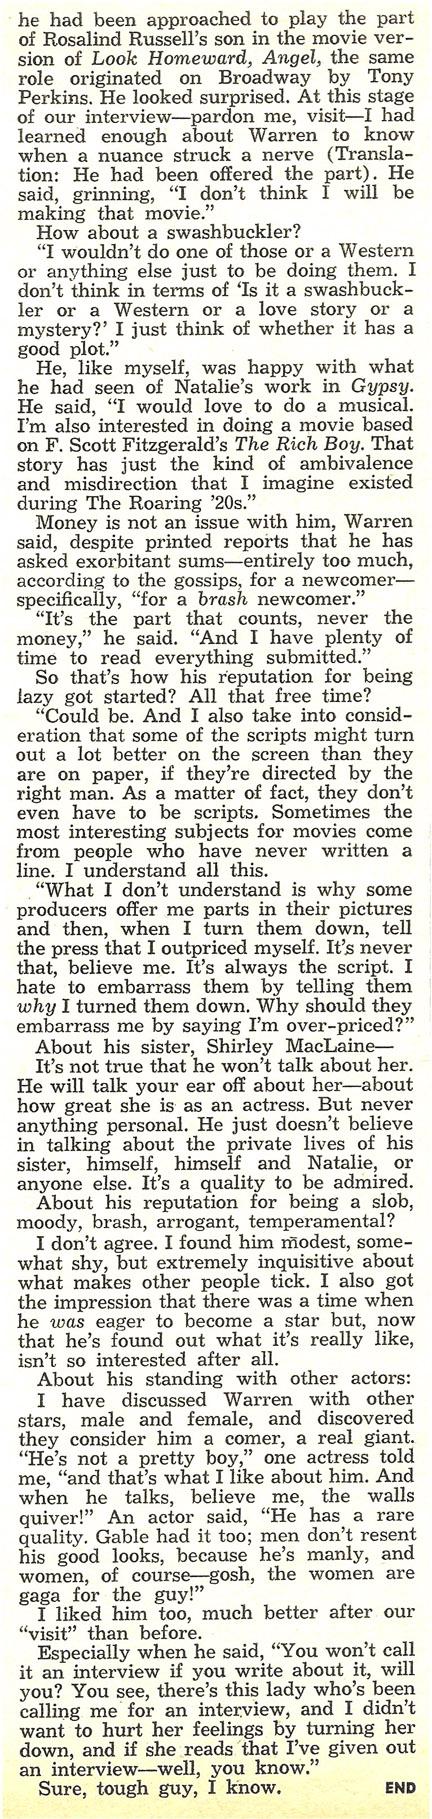 Warren Beatty #6